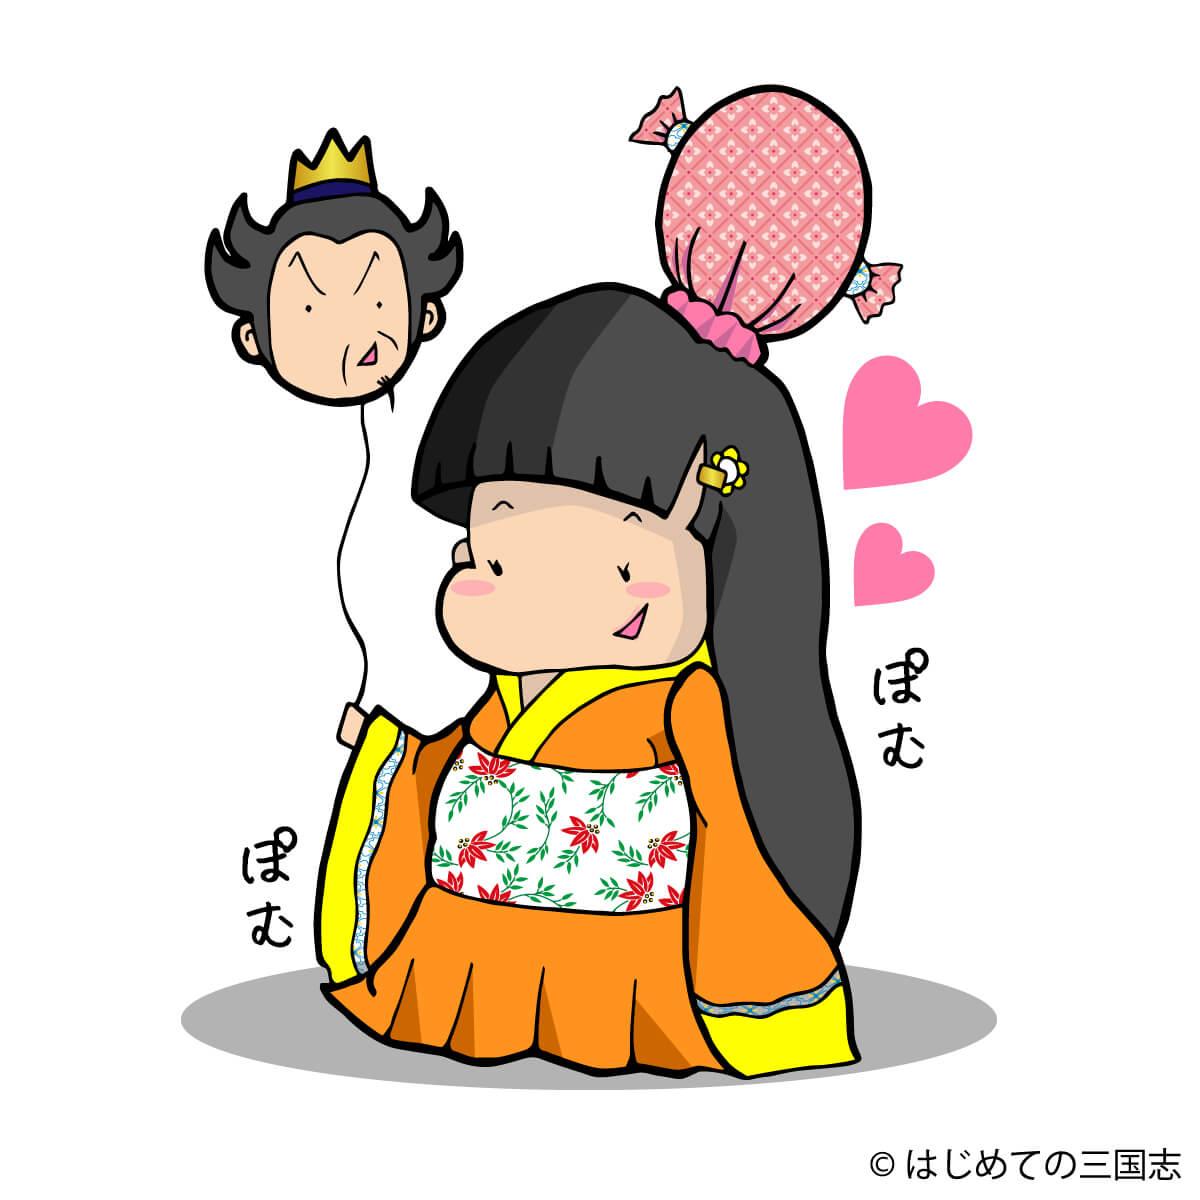 尹夫人 曹操